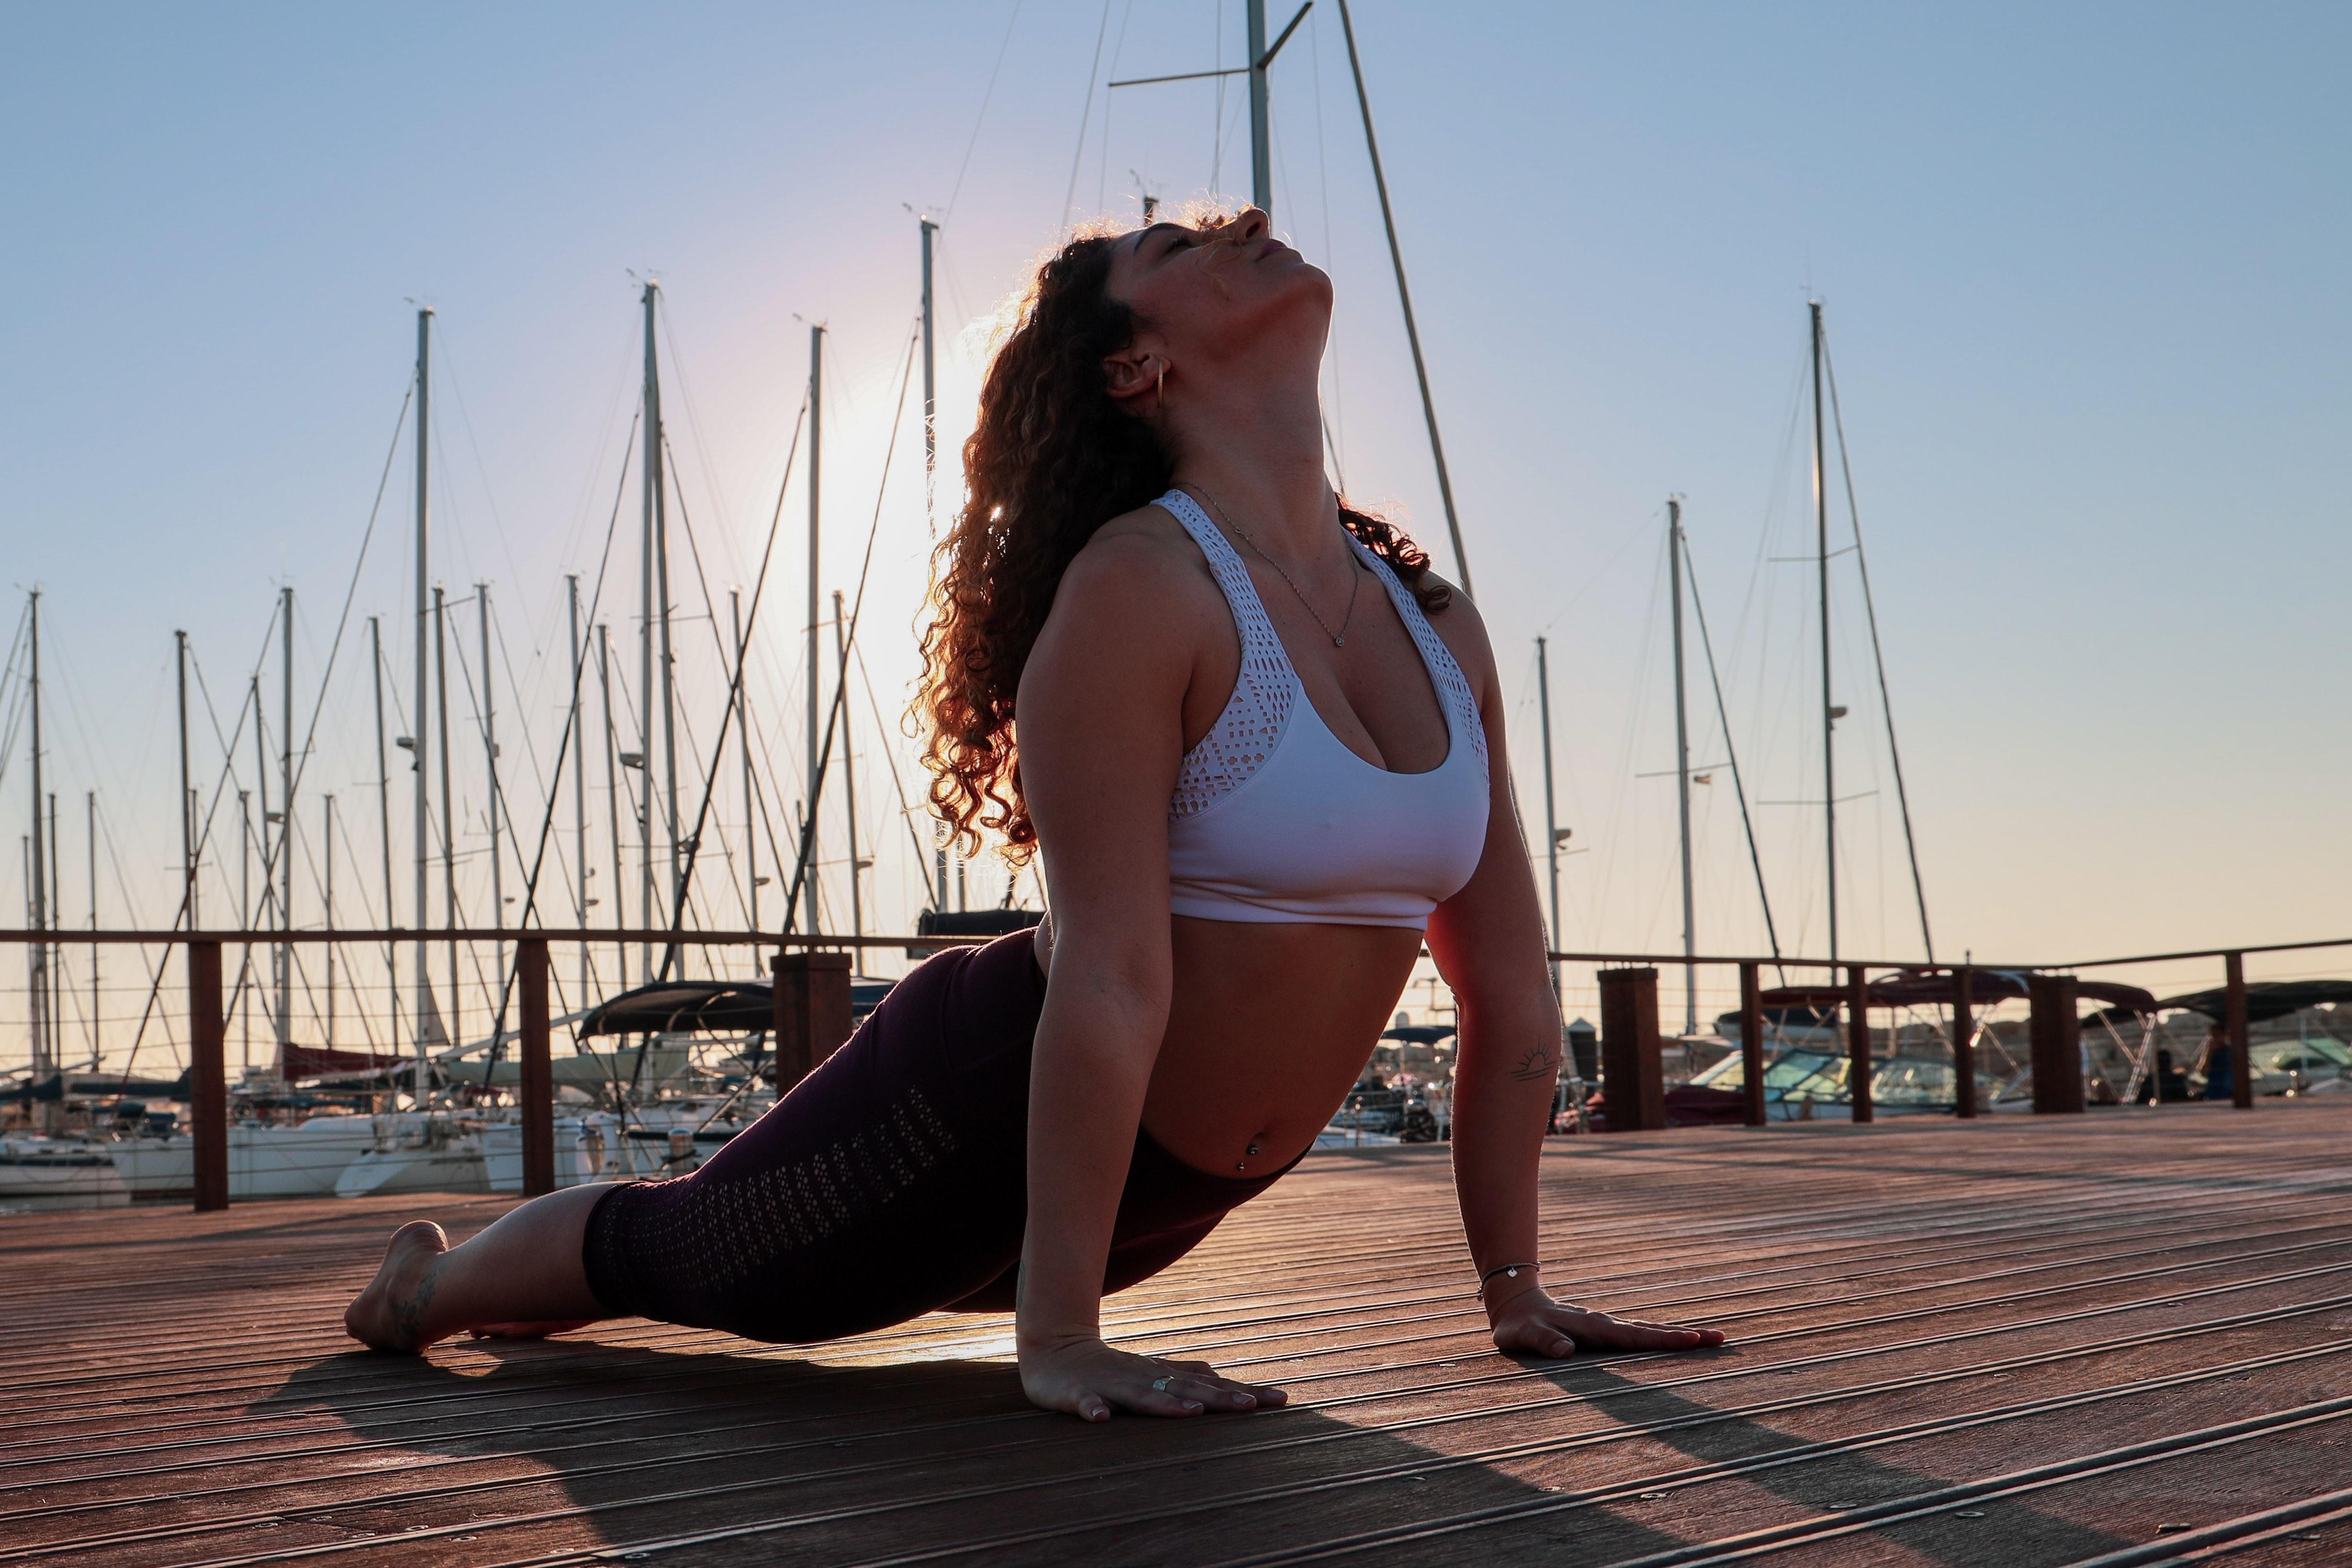 Bhujangasana or Cobra pose of Yoga(Photo by Mor Shani on Unsplash)